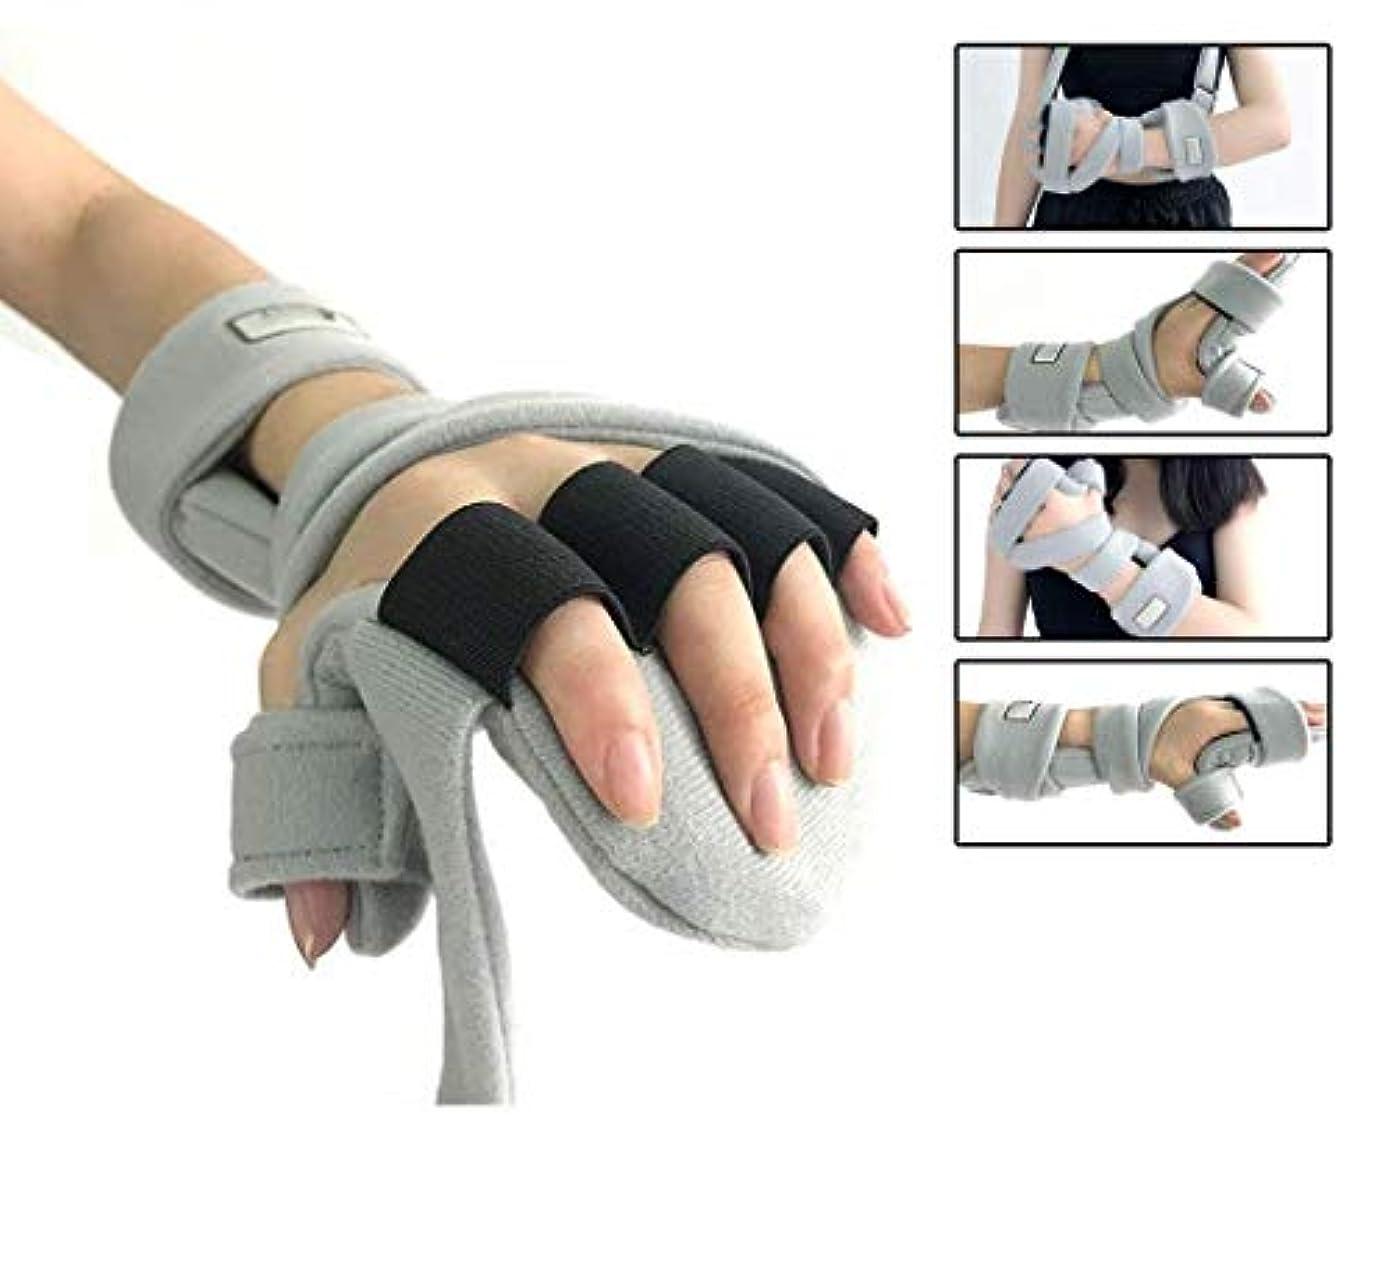 講堂ムスタチオ受け入れる手首サポート副木サポート、痛み腱炎のための指手首骨折固定足場骨折関節炎脱臼捻rain,Lefthand